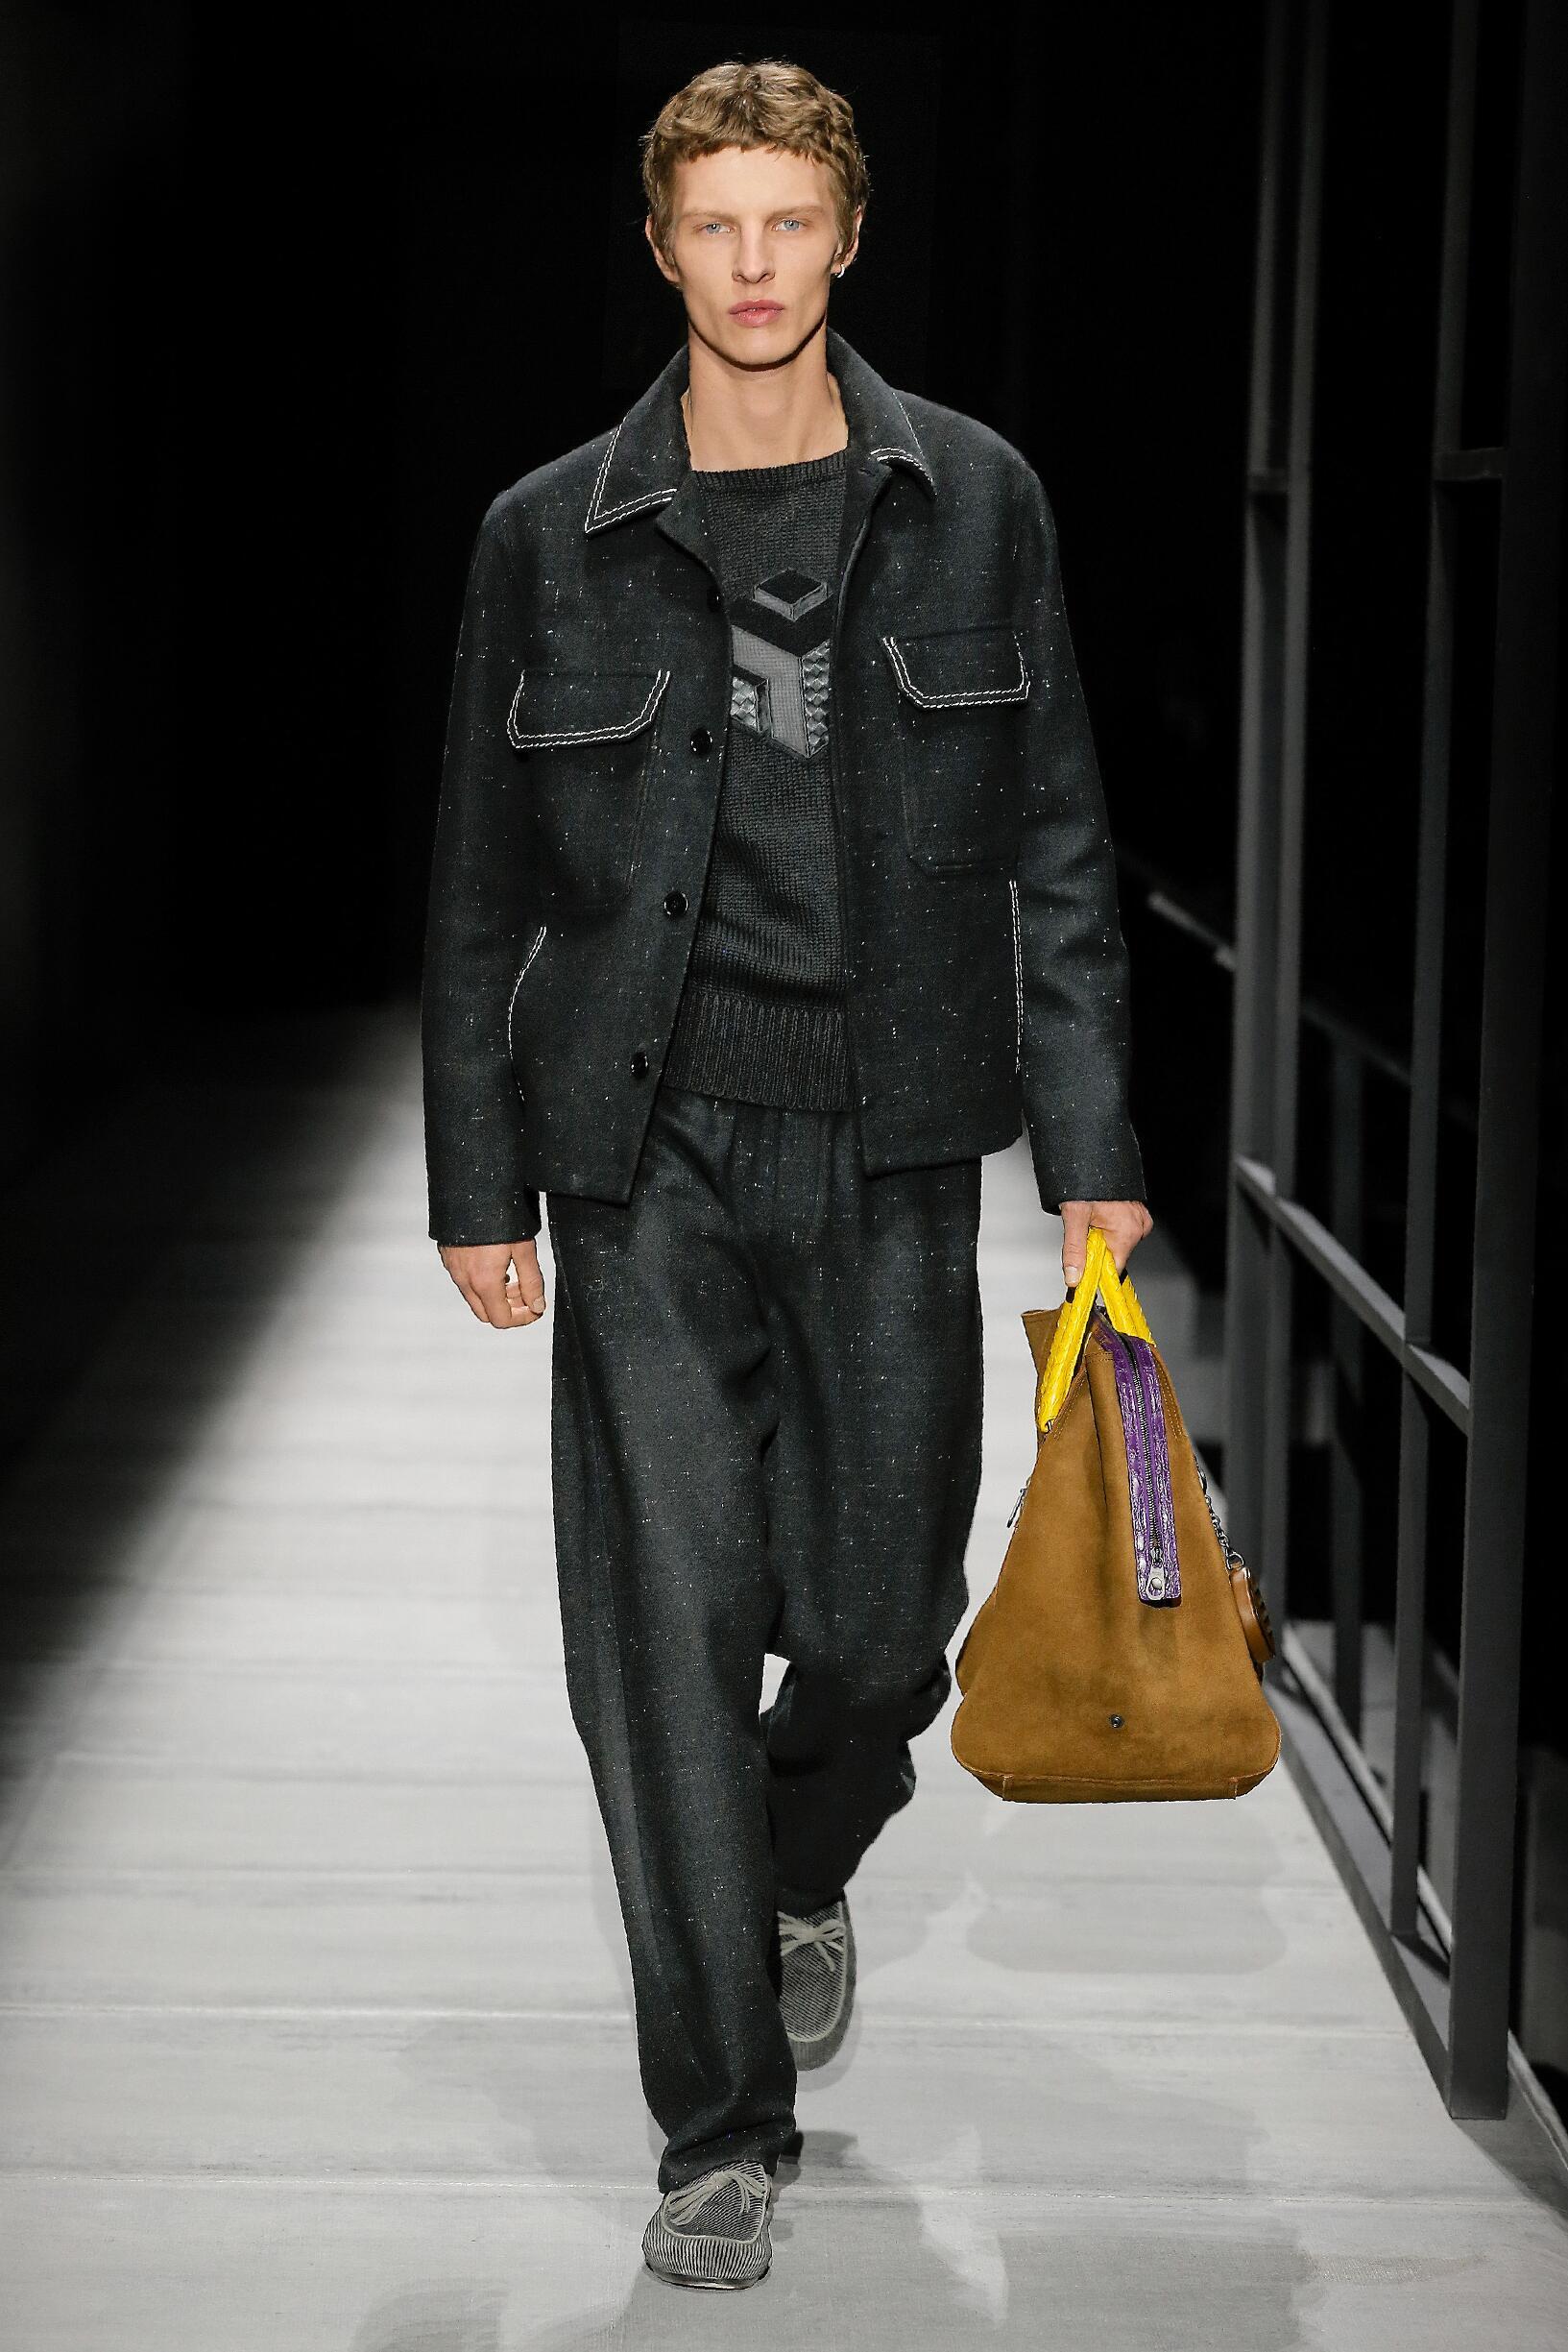 Menswear FW Bottega Veneta 2018-19